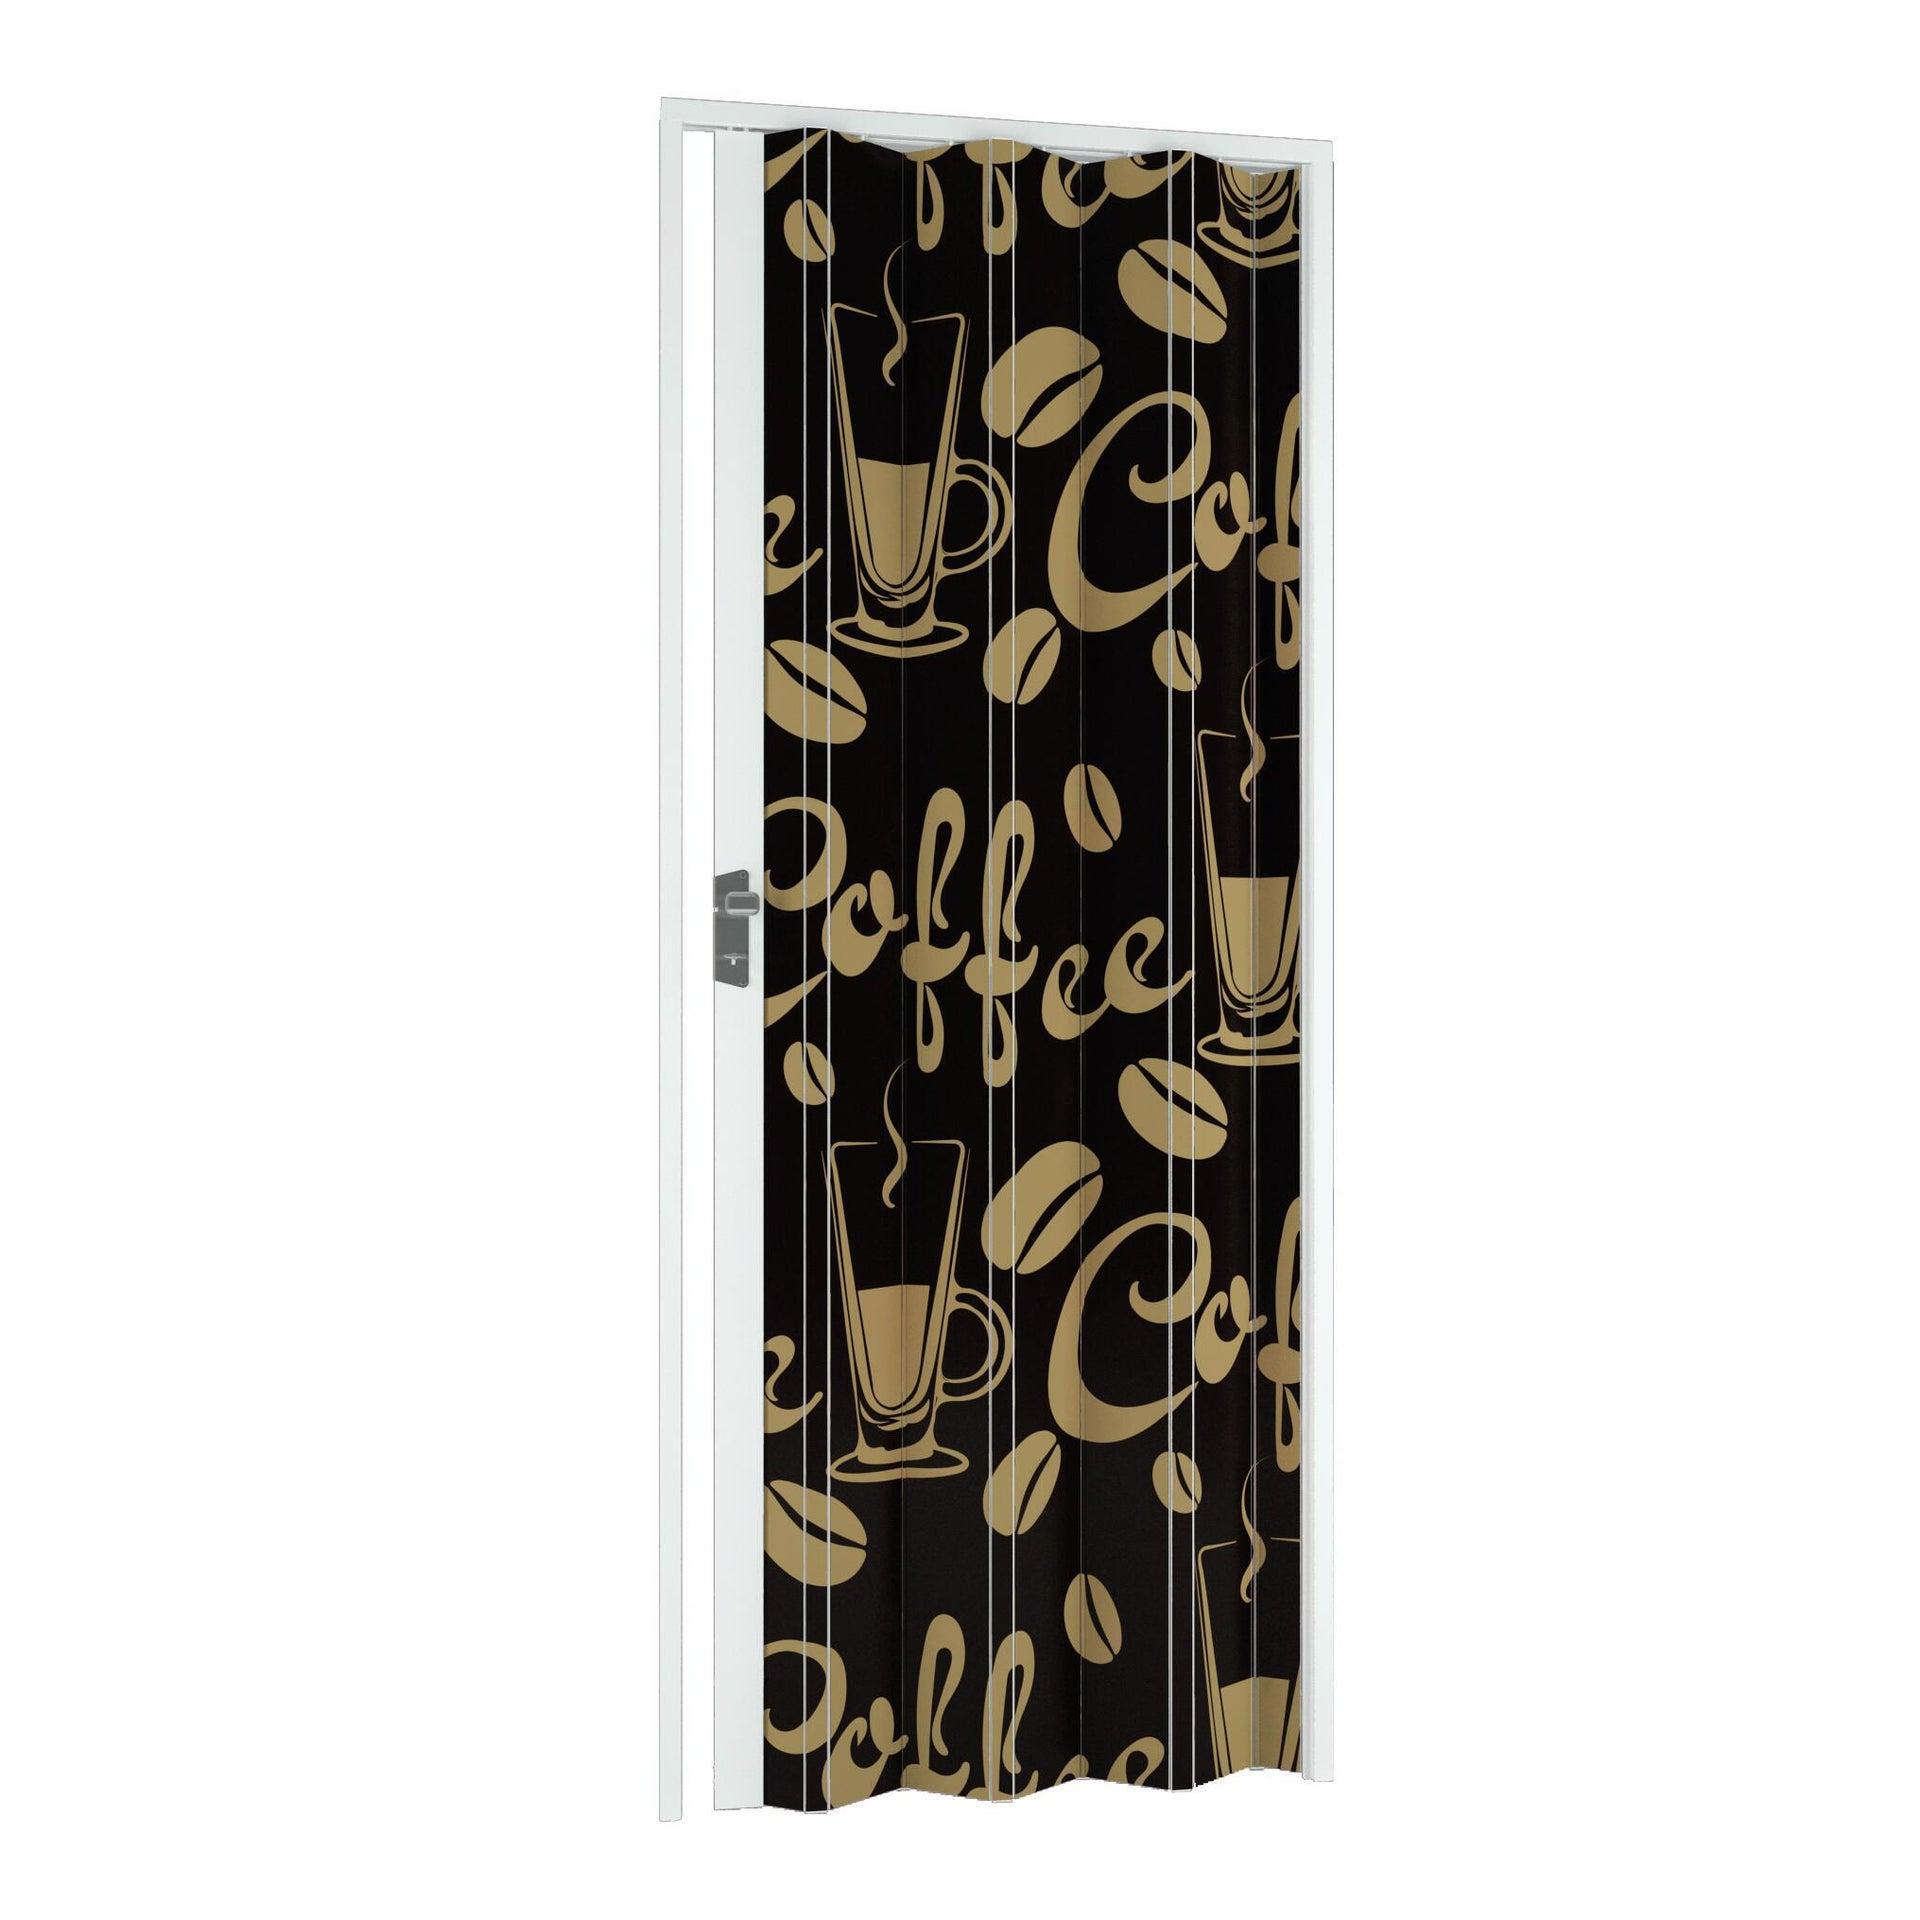 Porta a soffietto Coffee in pvc multicolore L 115 x H 214 cm